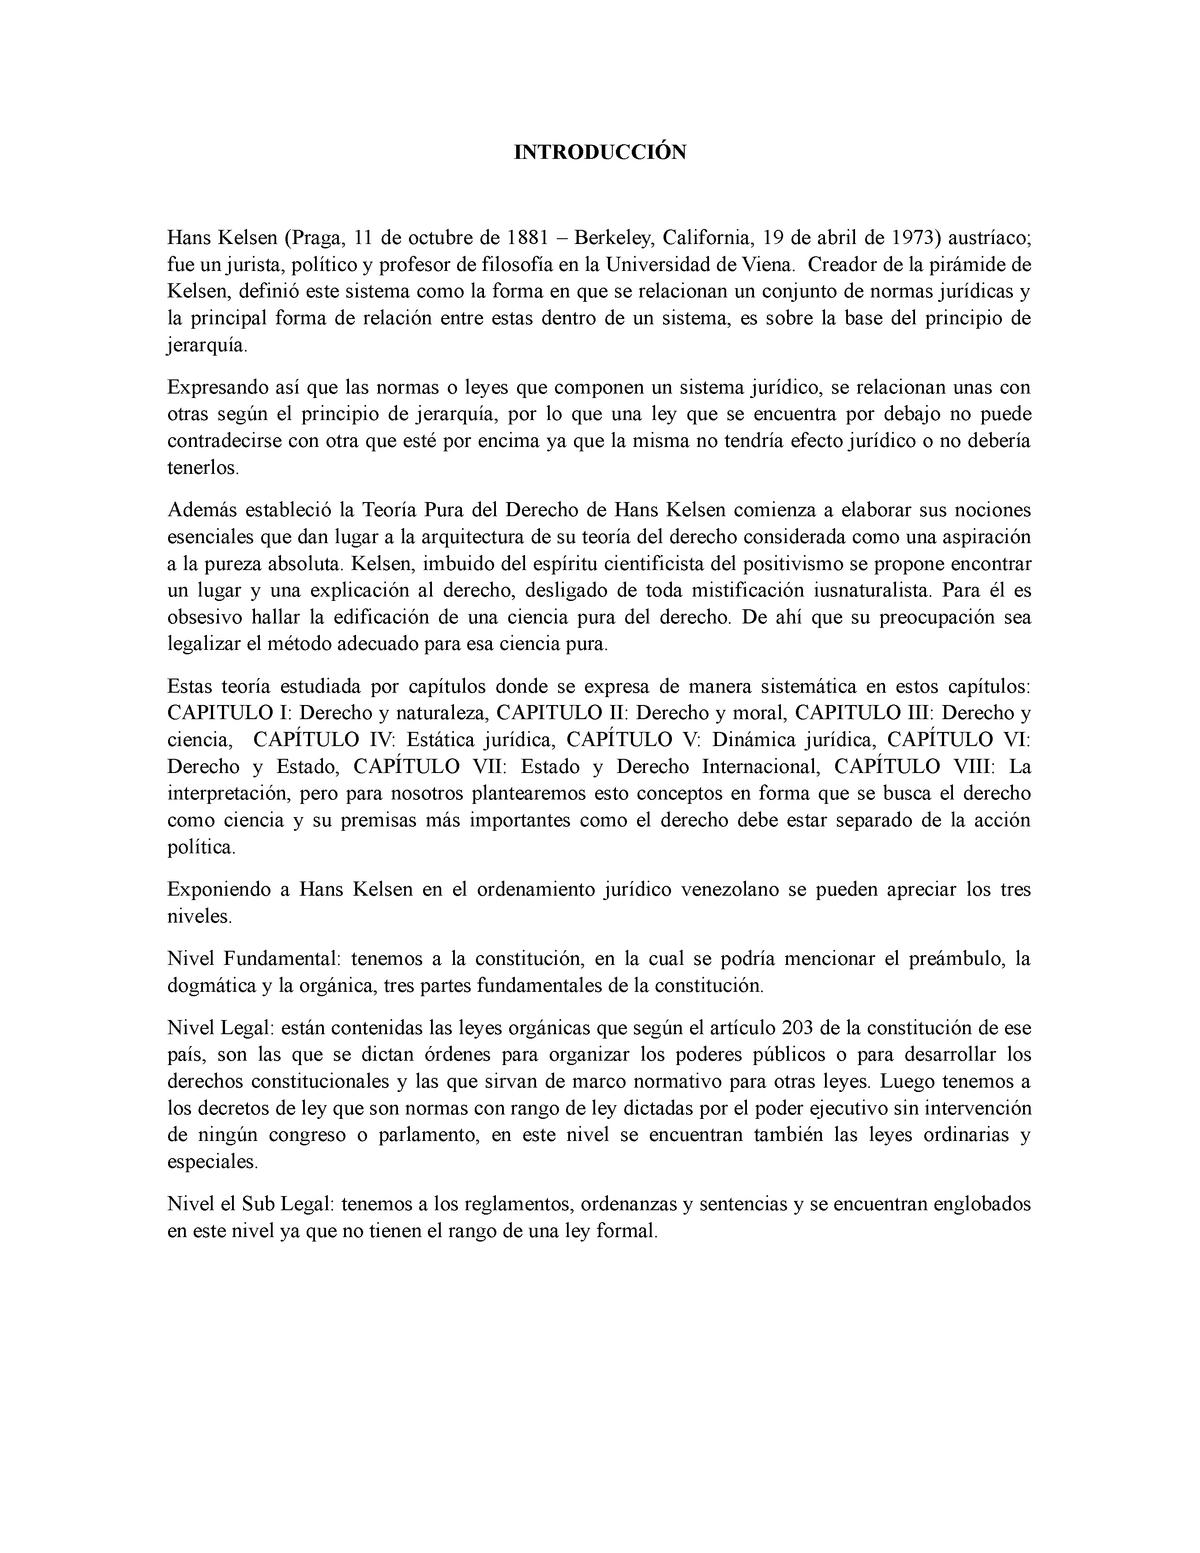 Piramide De Kelsen En El Ordenamiento Juridico De Vnzla Y